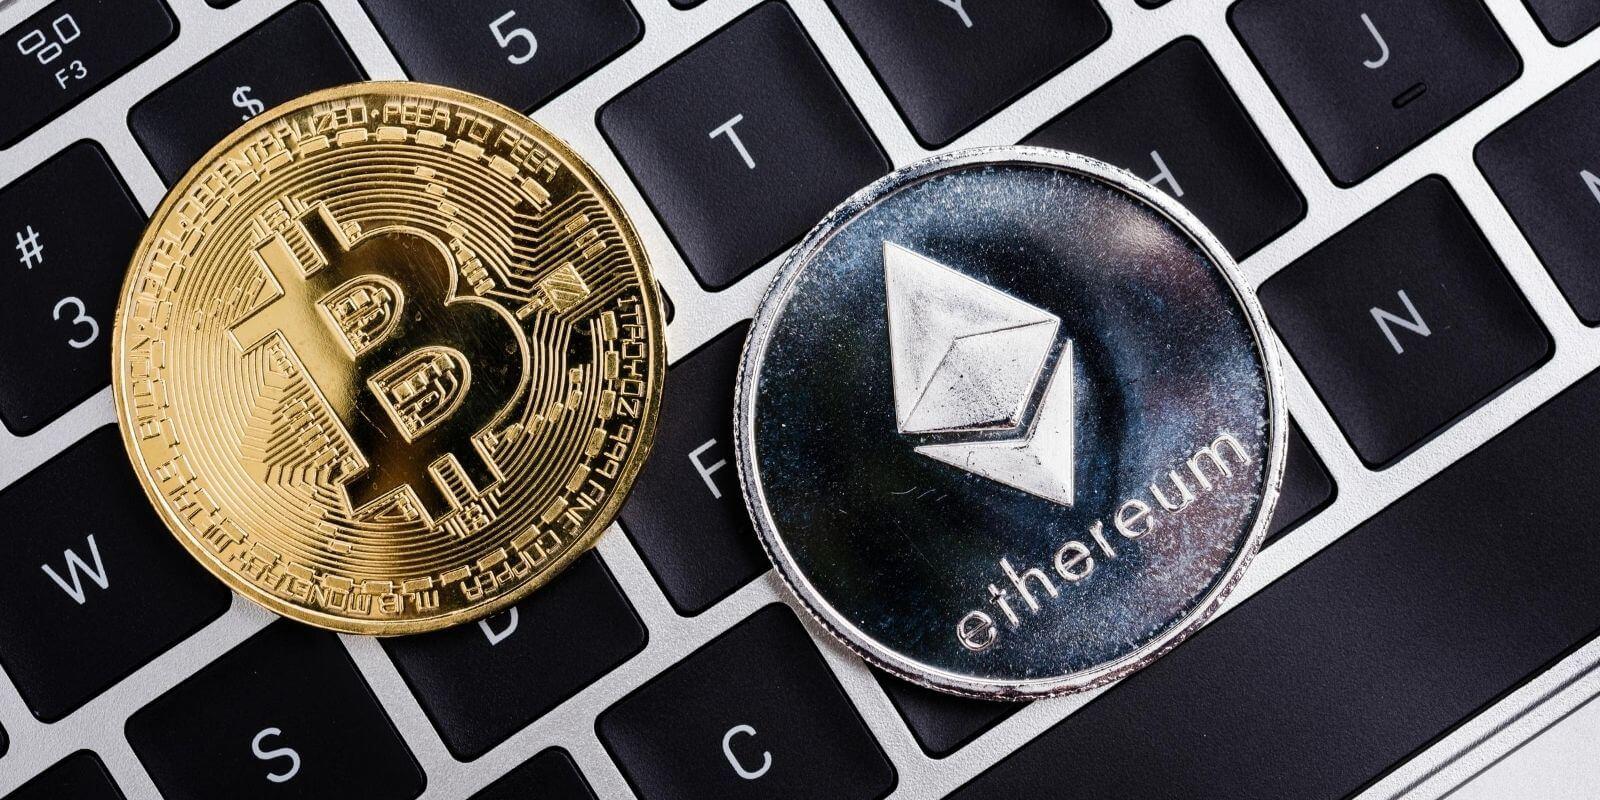 Le Bitcoin (BTC) et l'Ether s'apprêtent-ils à repartir après consolidation ?